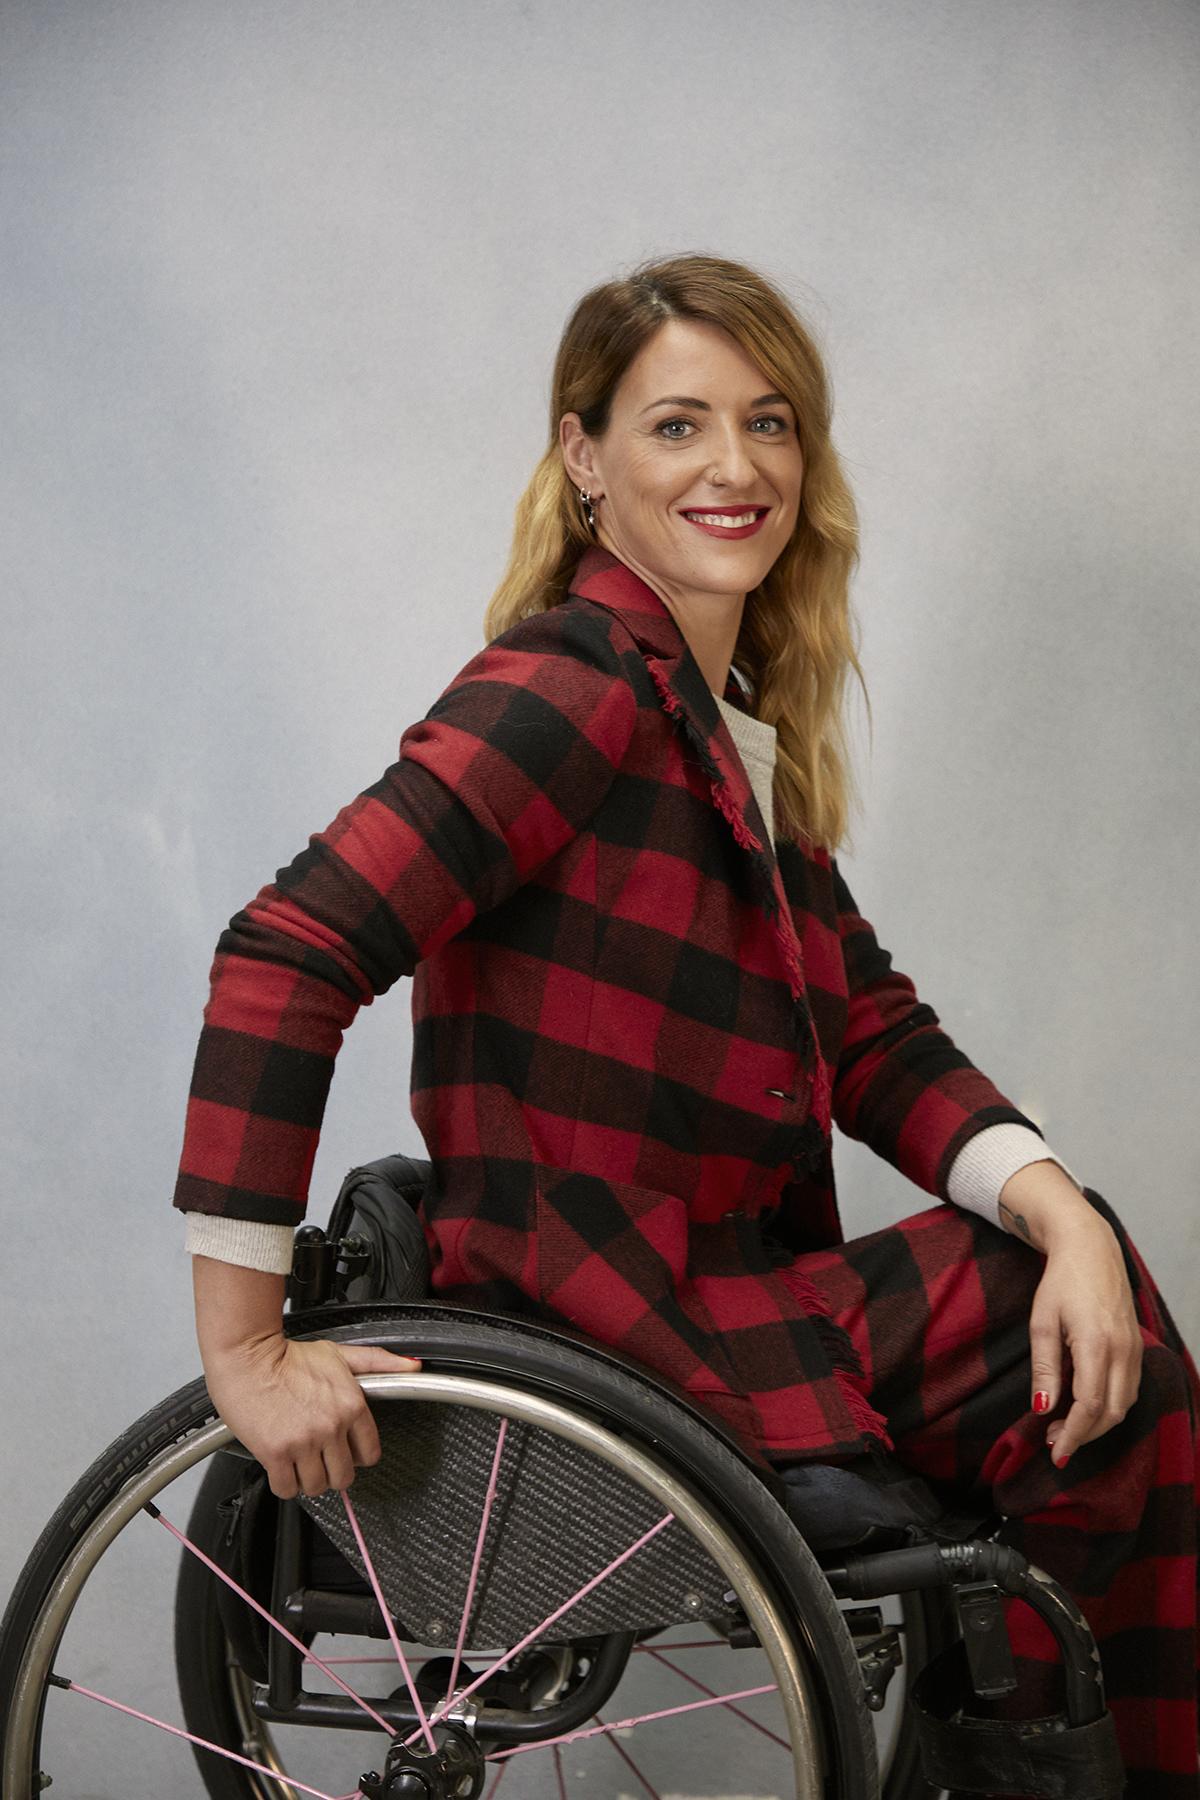 Eva Moral viste chaqueta y pantalón de cuadros de WOOLRICH y jersey de UNIQLO.